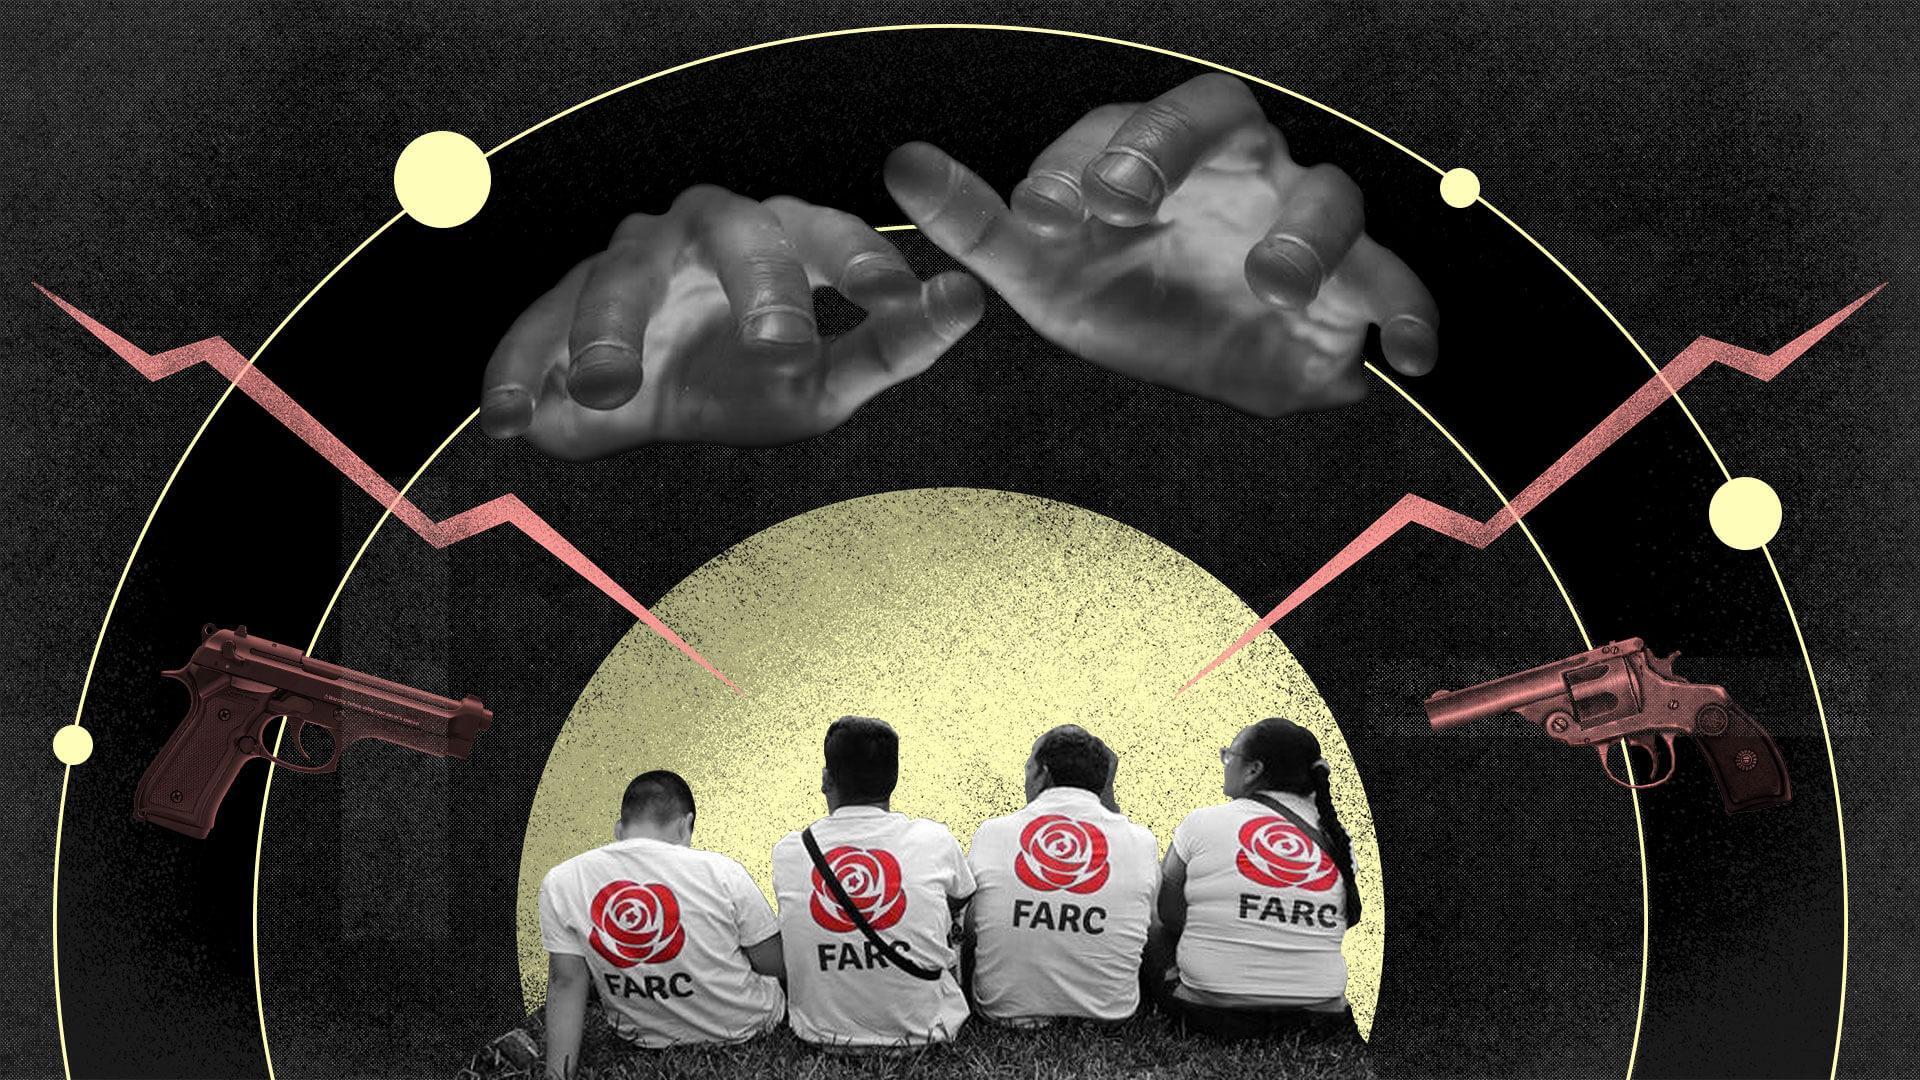 Violencia, la otra pandemia que afrontan los excombatientes de las Farc en el Cauca